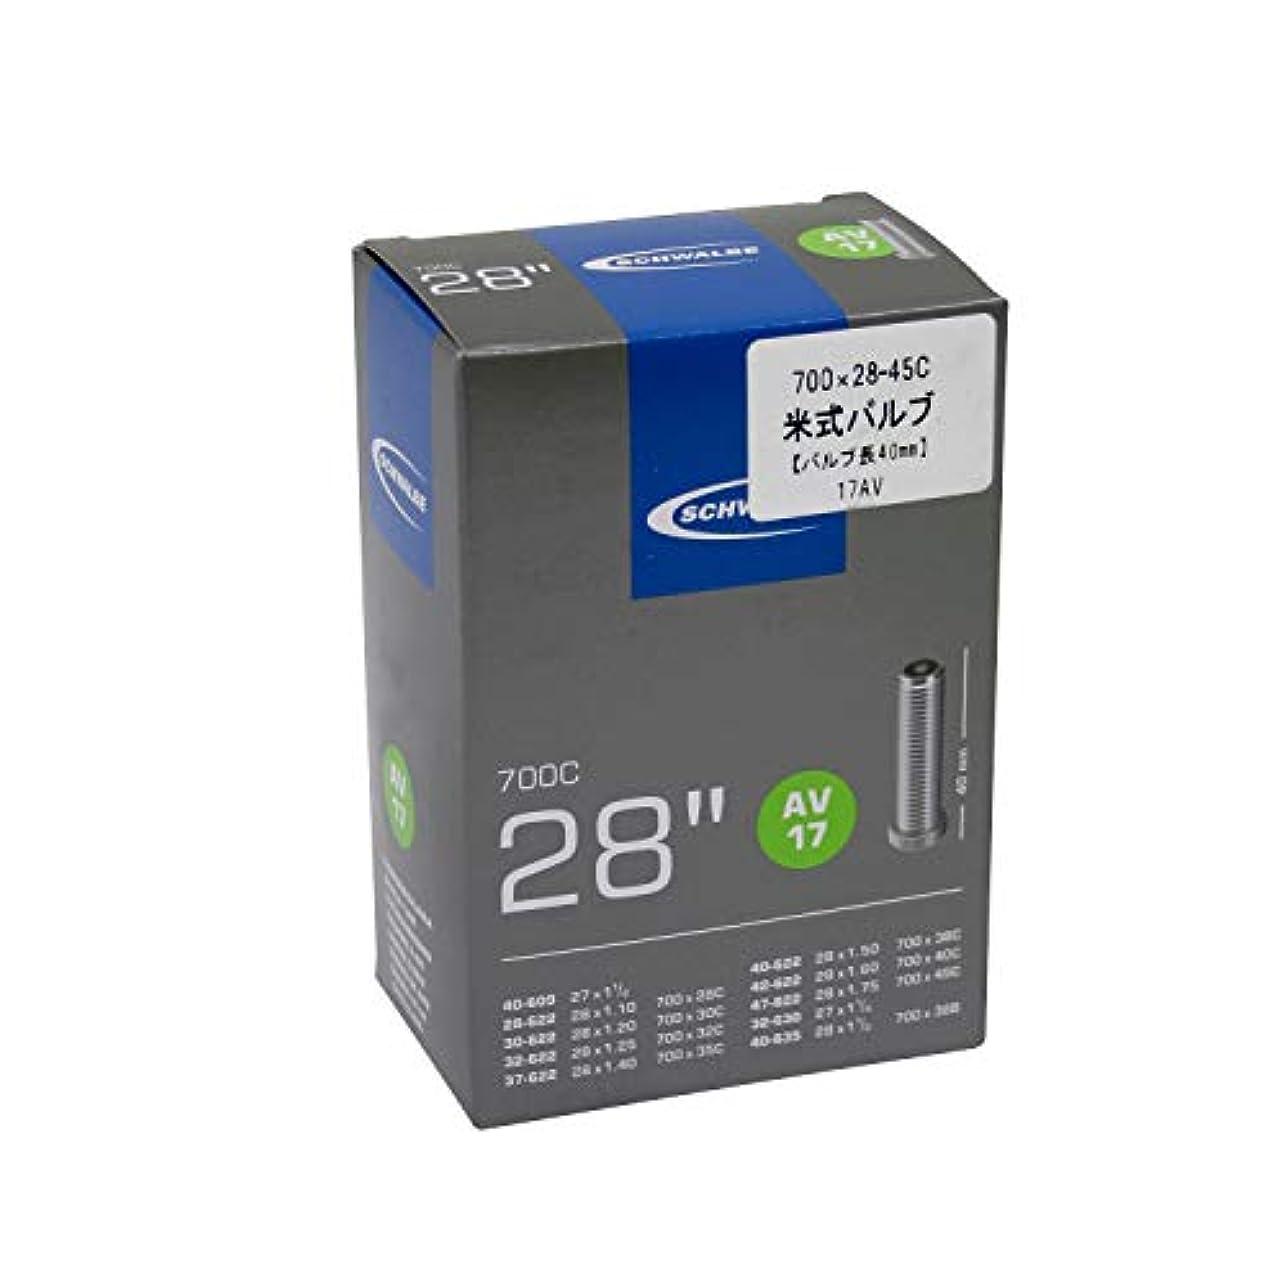 ビルブッシュ素敵なSCHWALBE(シュワルベ) 【正規品】700×28/45C用チューブ 米式 40㎜バルブ 17AV